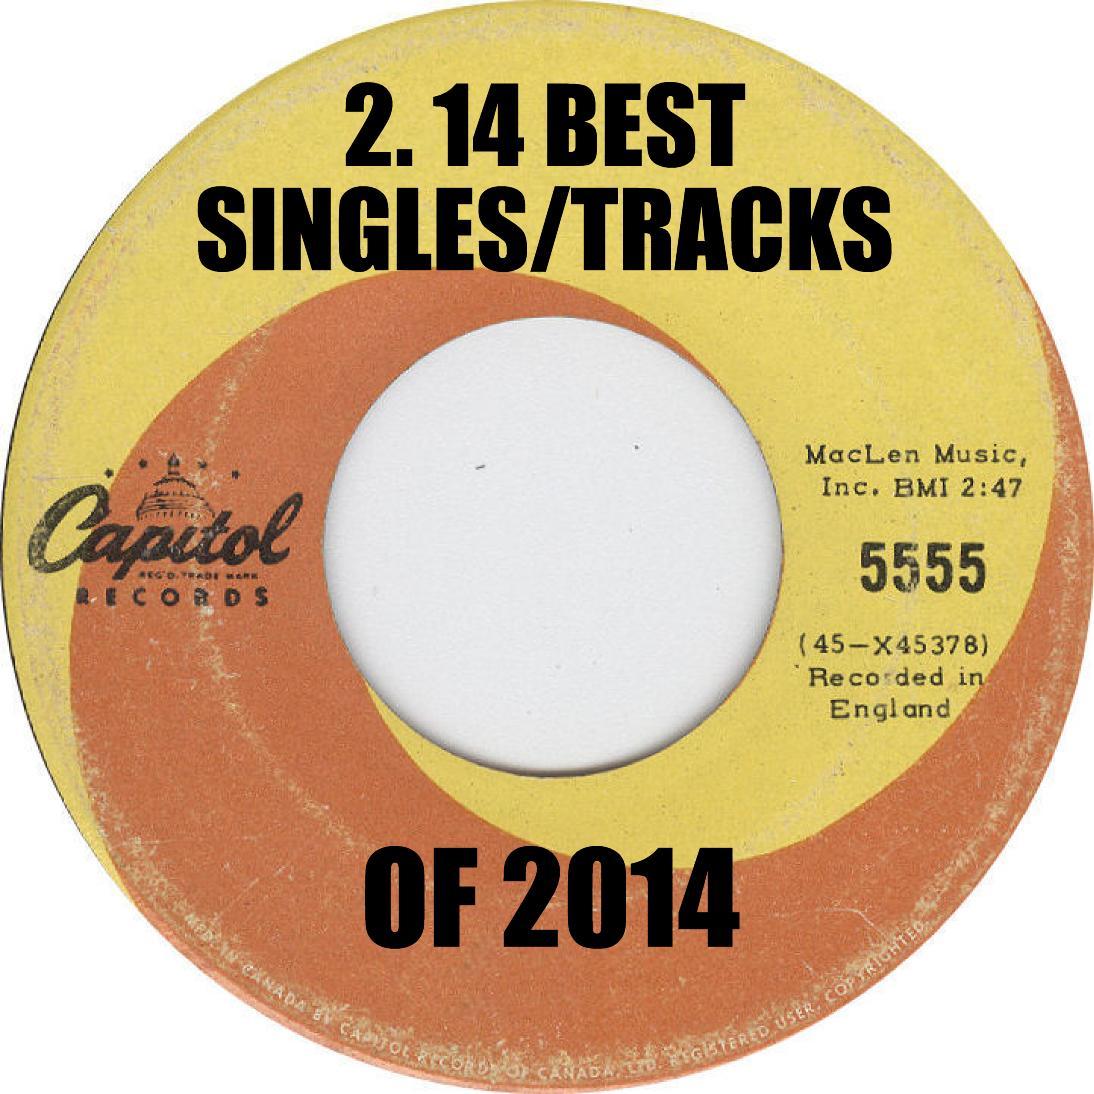 LVA 14 Best Singles or Tracks of 2014